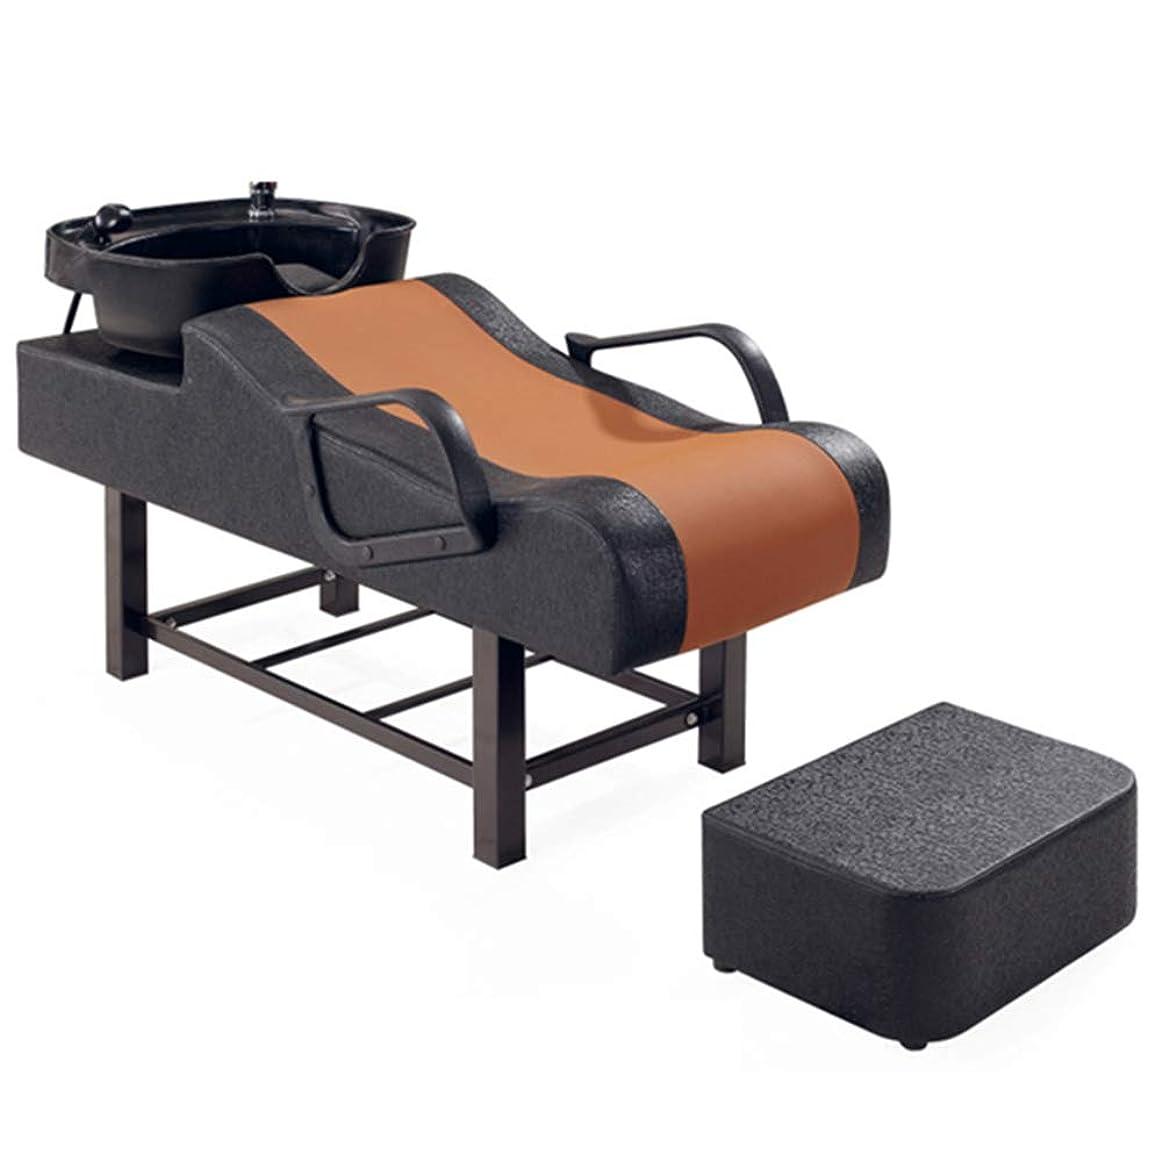 博物館次腰シャンプーの理髪師の逆洗の椅子、鉱泉の美容院の穿孔器のベッドのためのシャンプーボールの流しの椅子